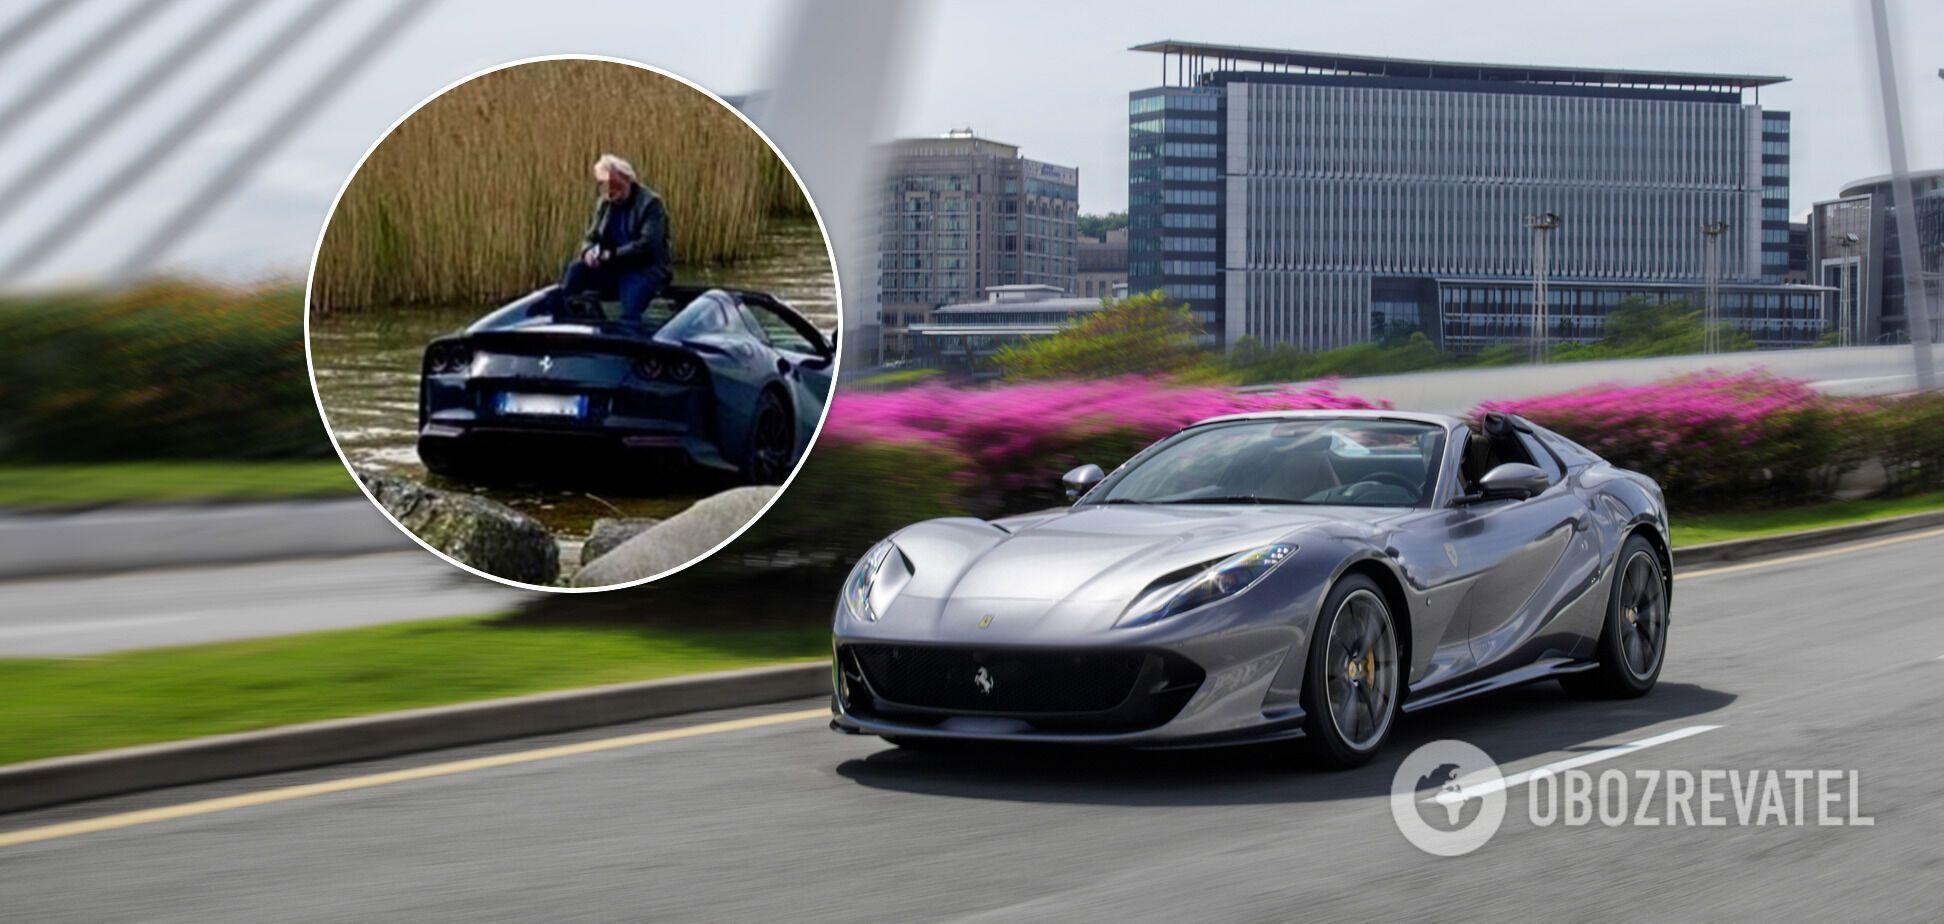 В Італії власник втопив Ferrari 812 GTS за $ 400 тисяч